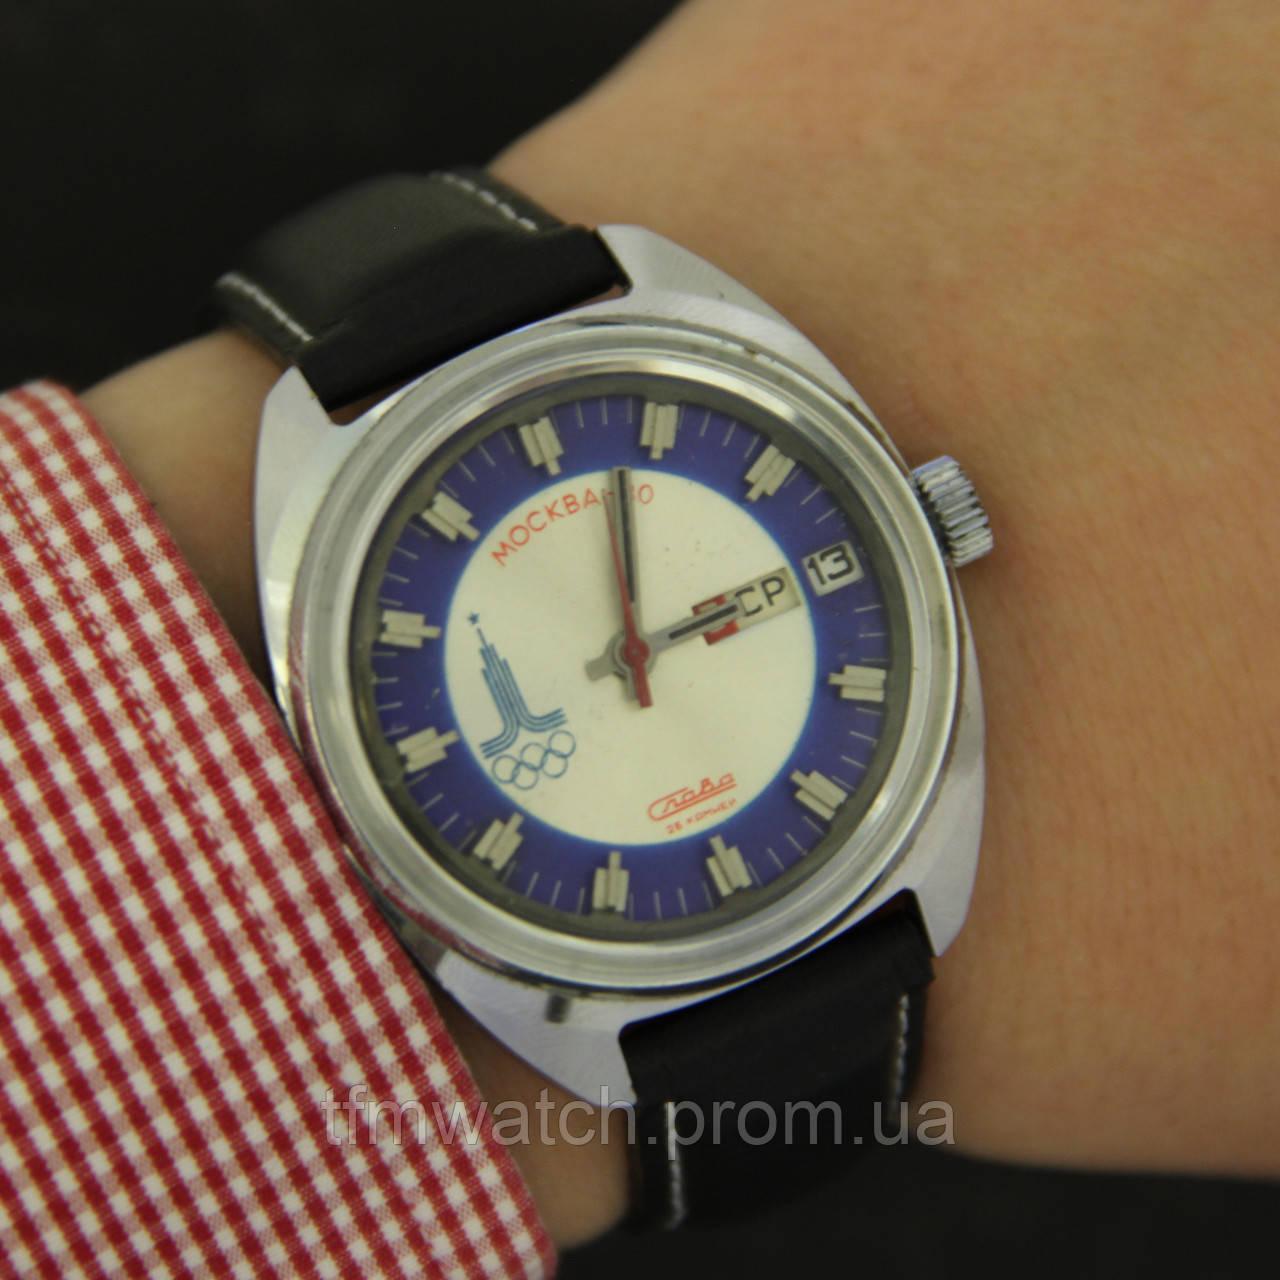 68bea02a98e2 Слава Москва-80 мужские наручные часы СССР - Магазин старинных, винтажных и  антикварных часов